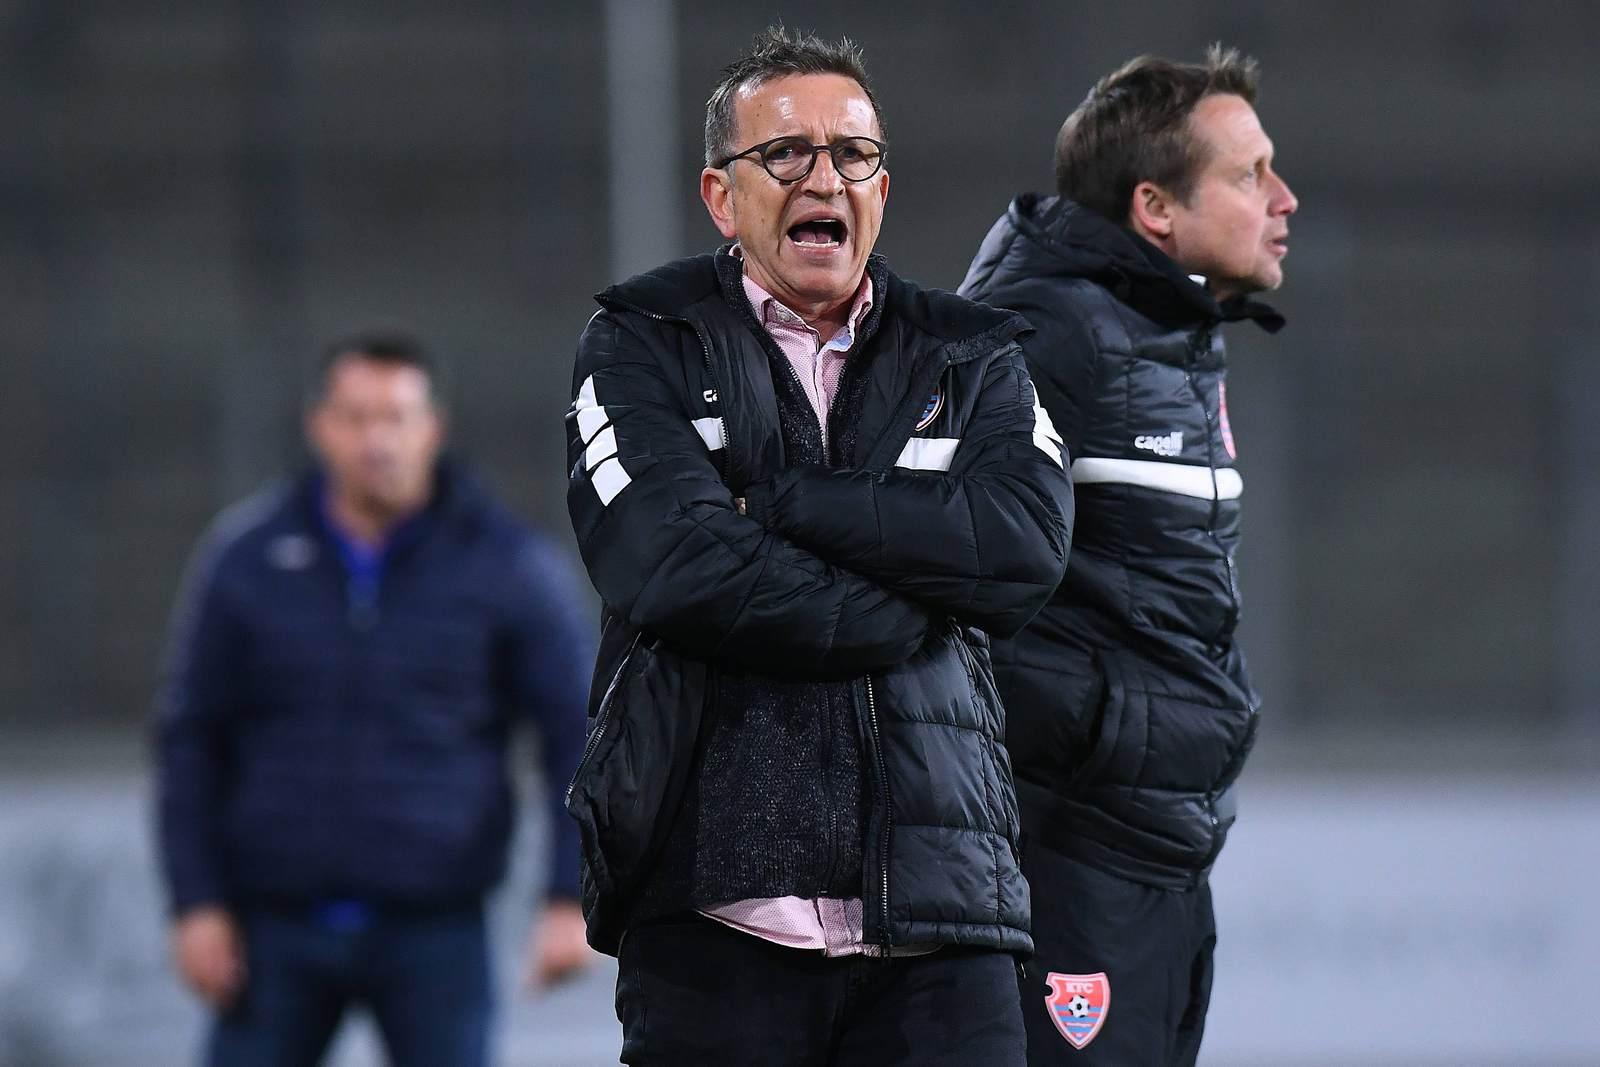 Norbert Meier im Vordergrund, mit Co-Trainer Heinemann